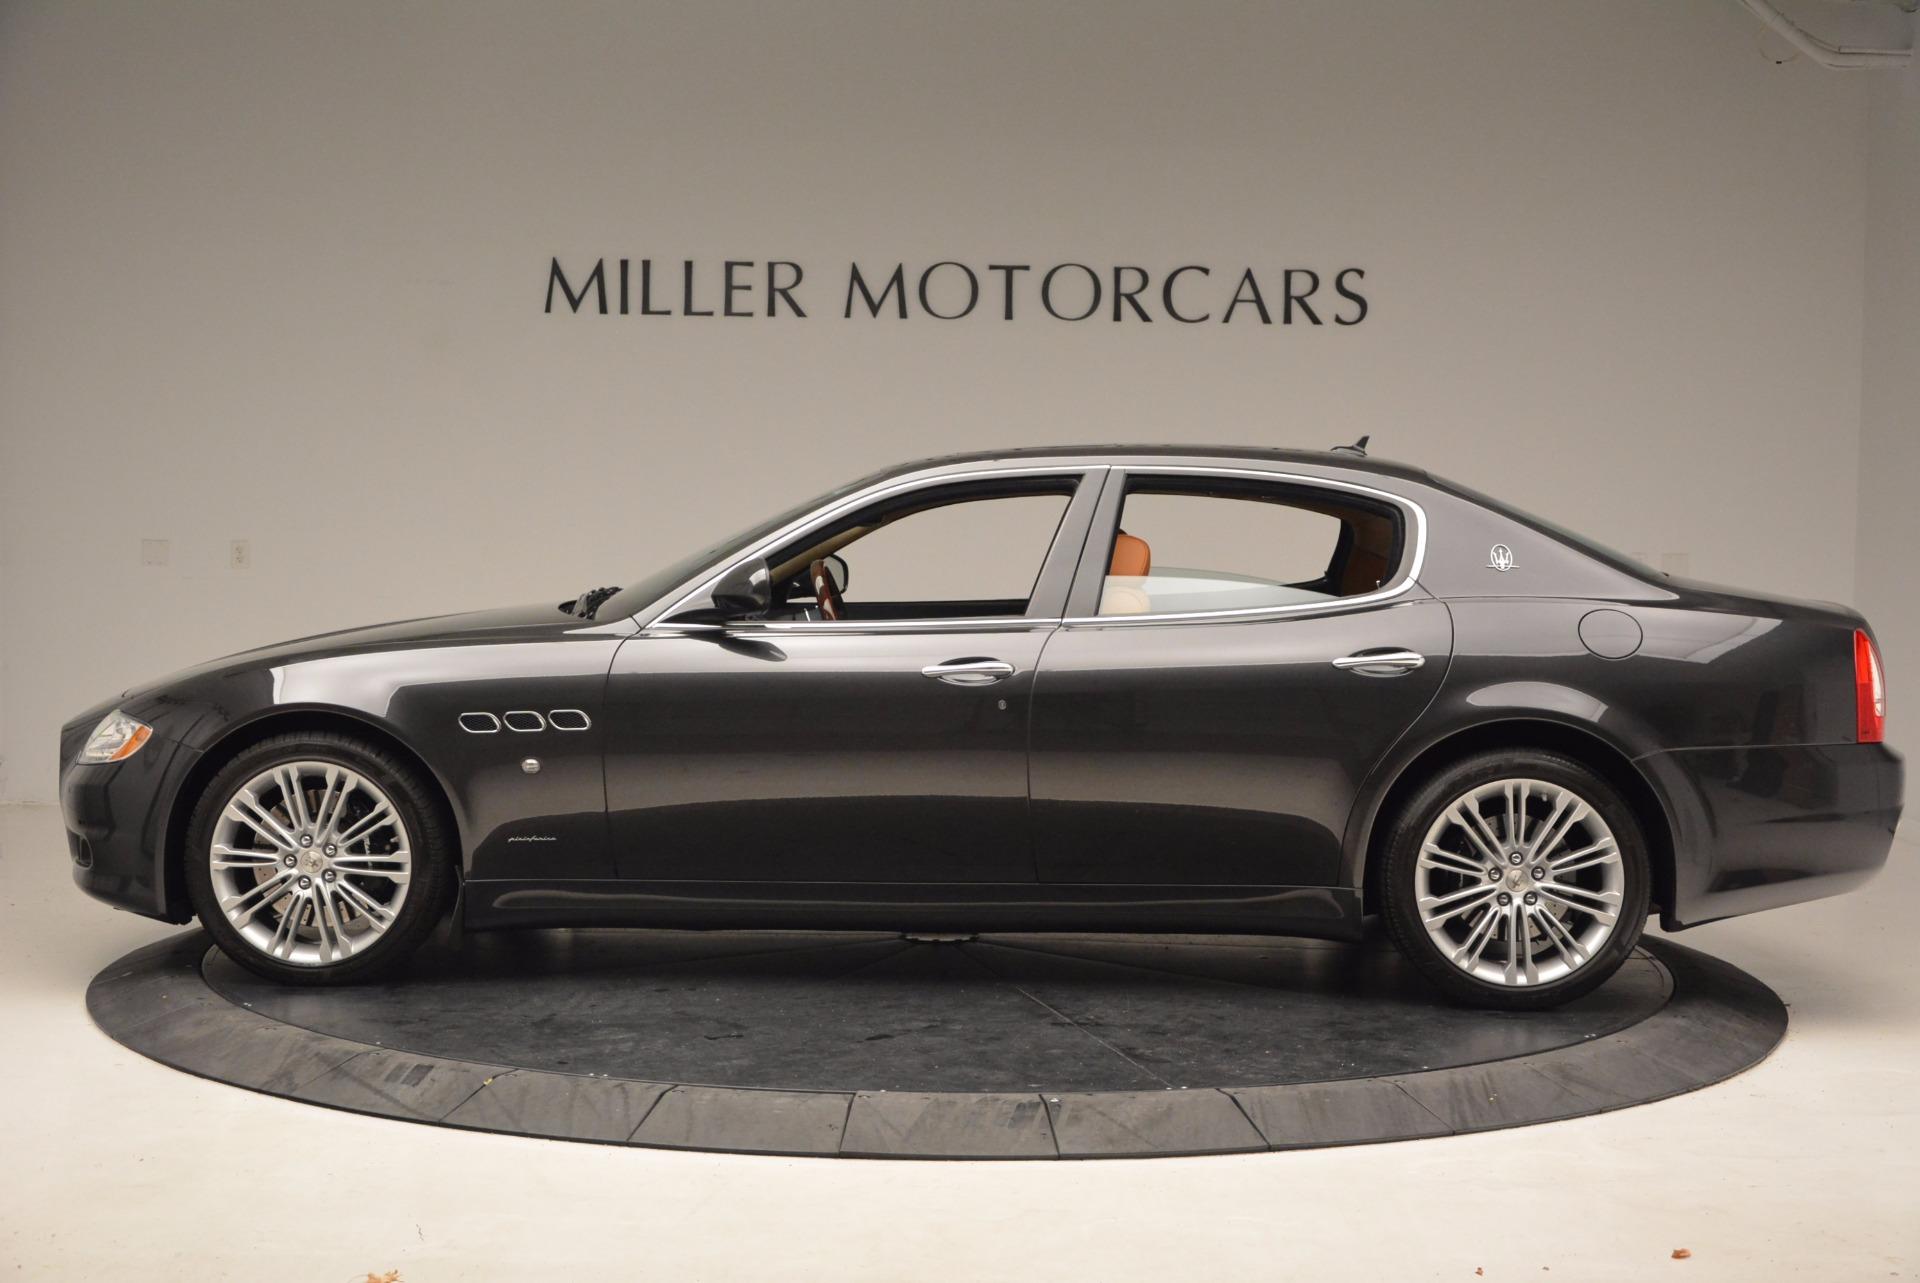 Used 2010 Maserati Quattroporte S For Sale In Greenwich, CT 1551_p15